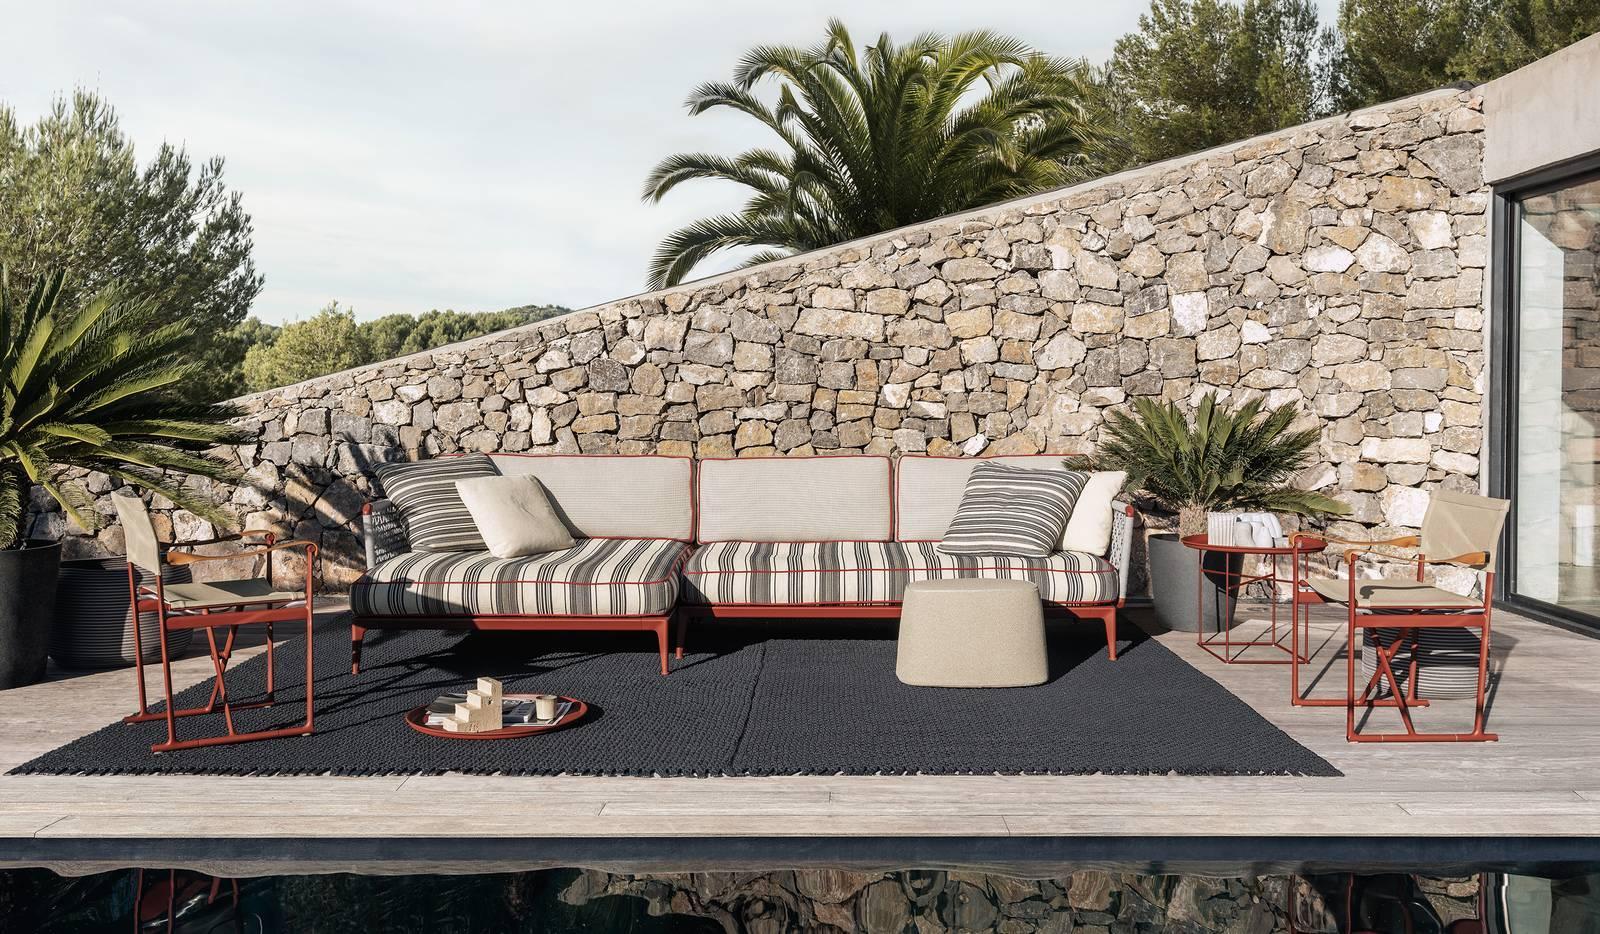 Giardini Per Case Moderne divani per esterno: 12 modelli per terrazzo, giardino o